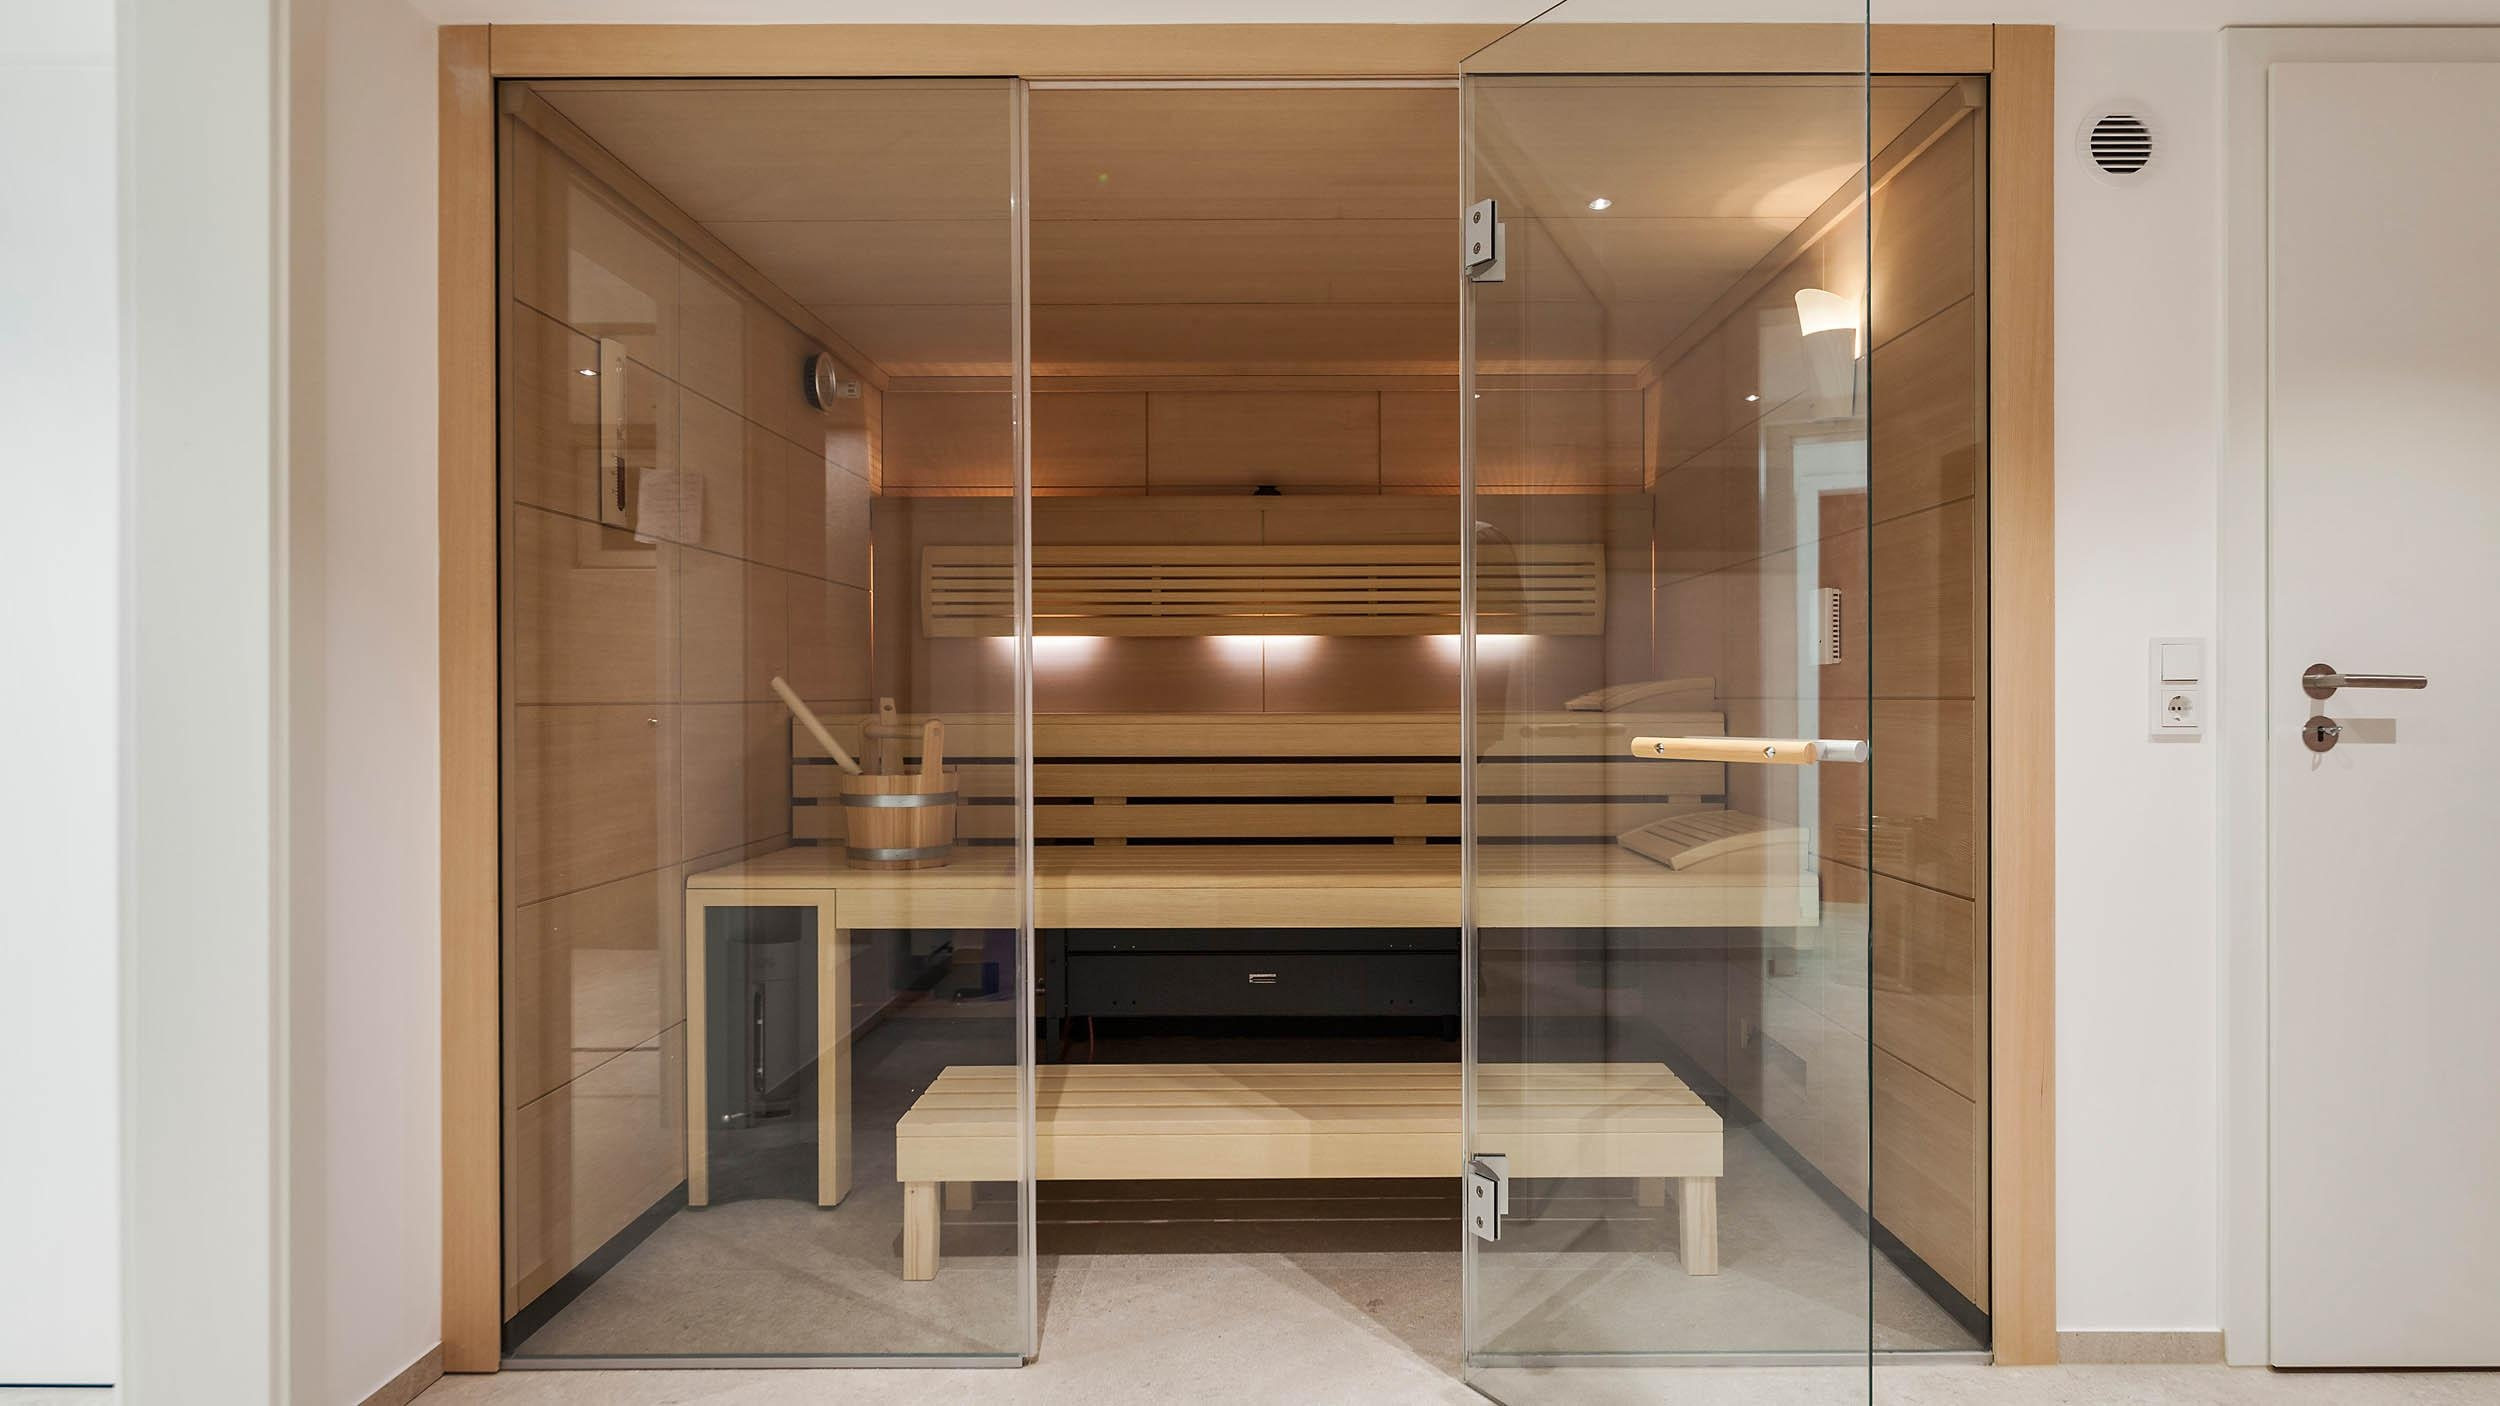 Modernes badezimmer finde stilvolle gestaltungsideen for Modernes bad einrichten